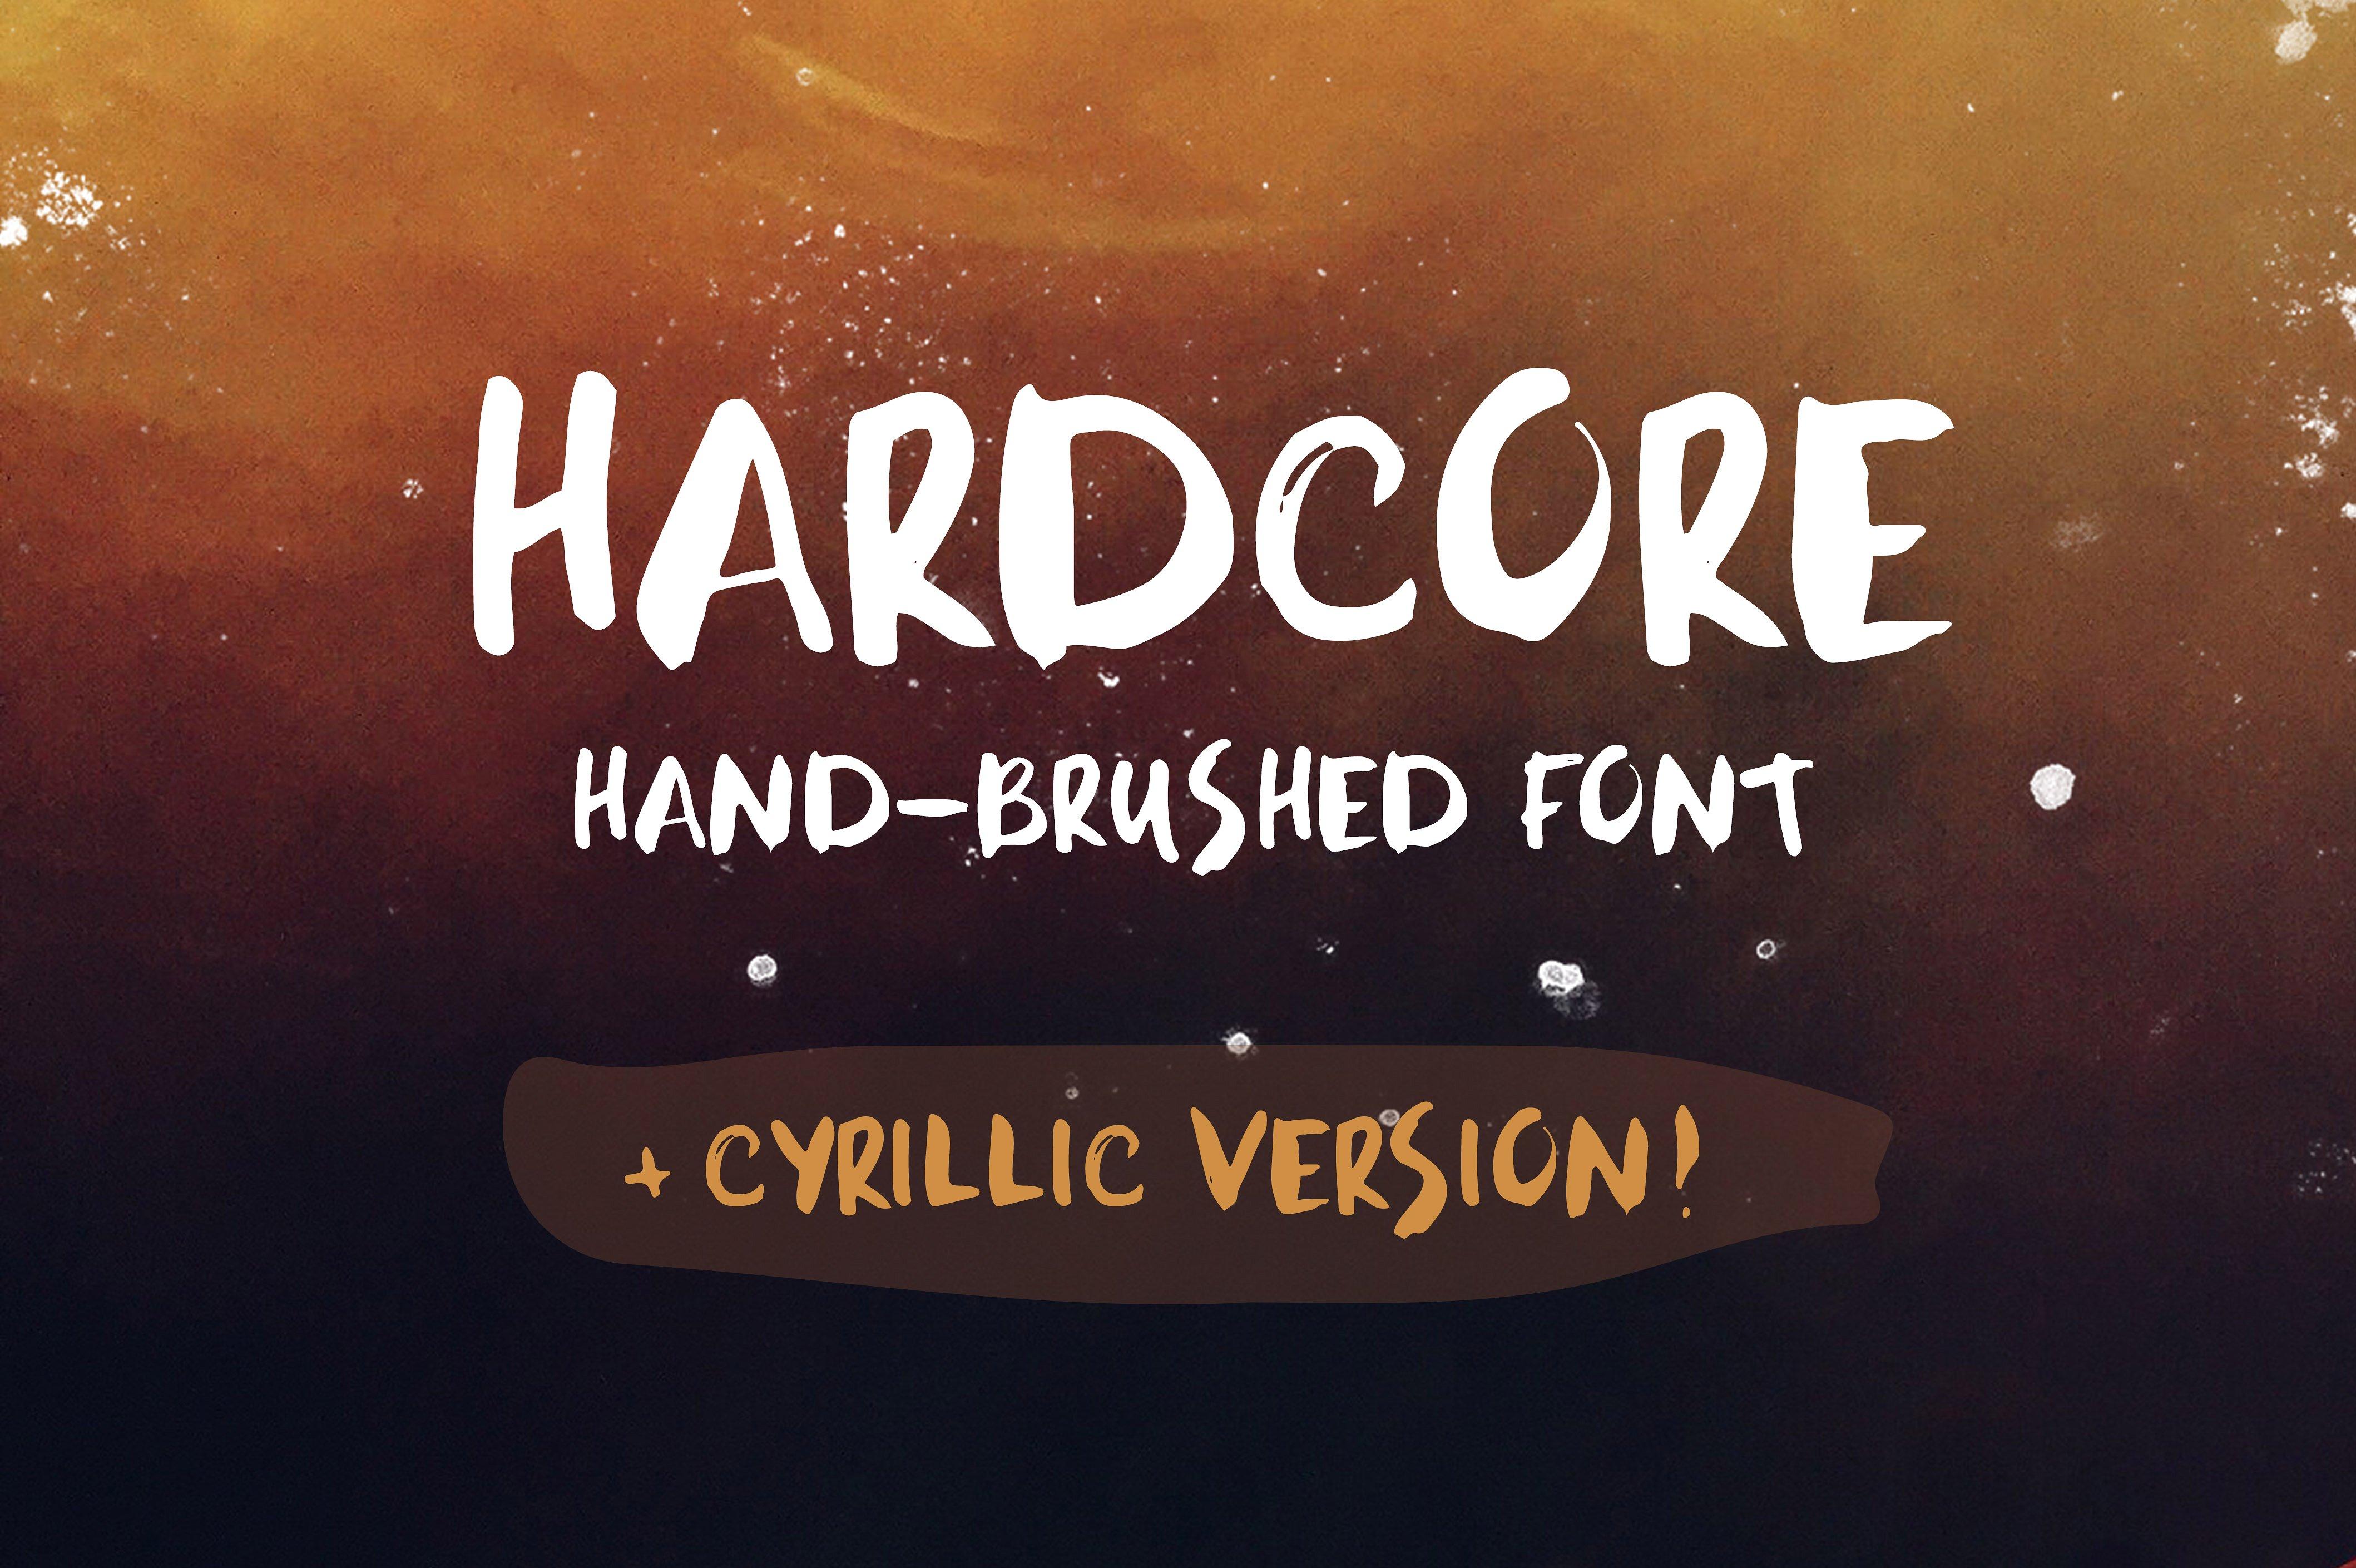 HARDCORE Brushed